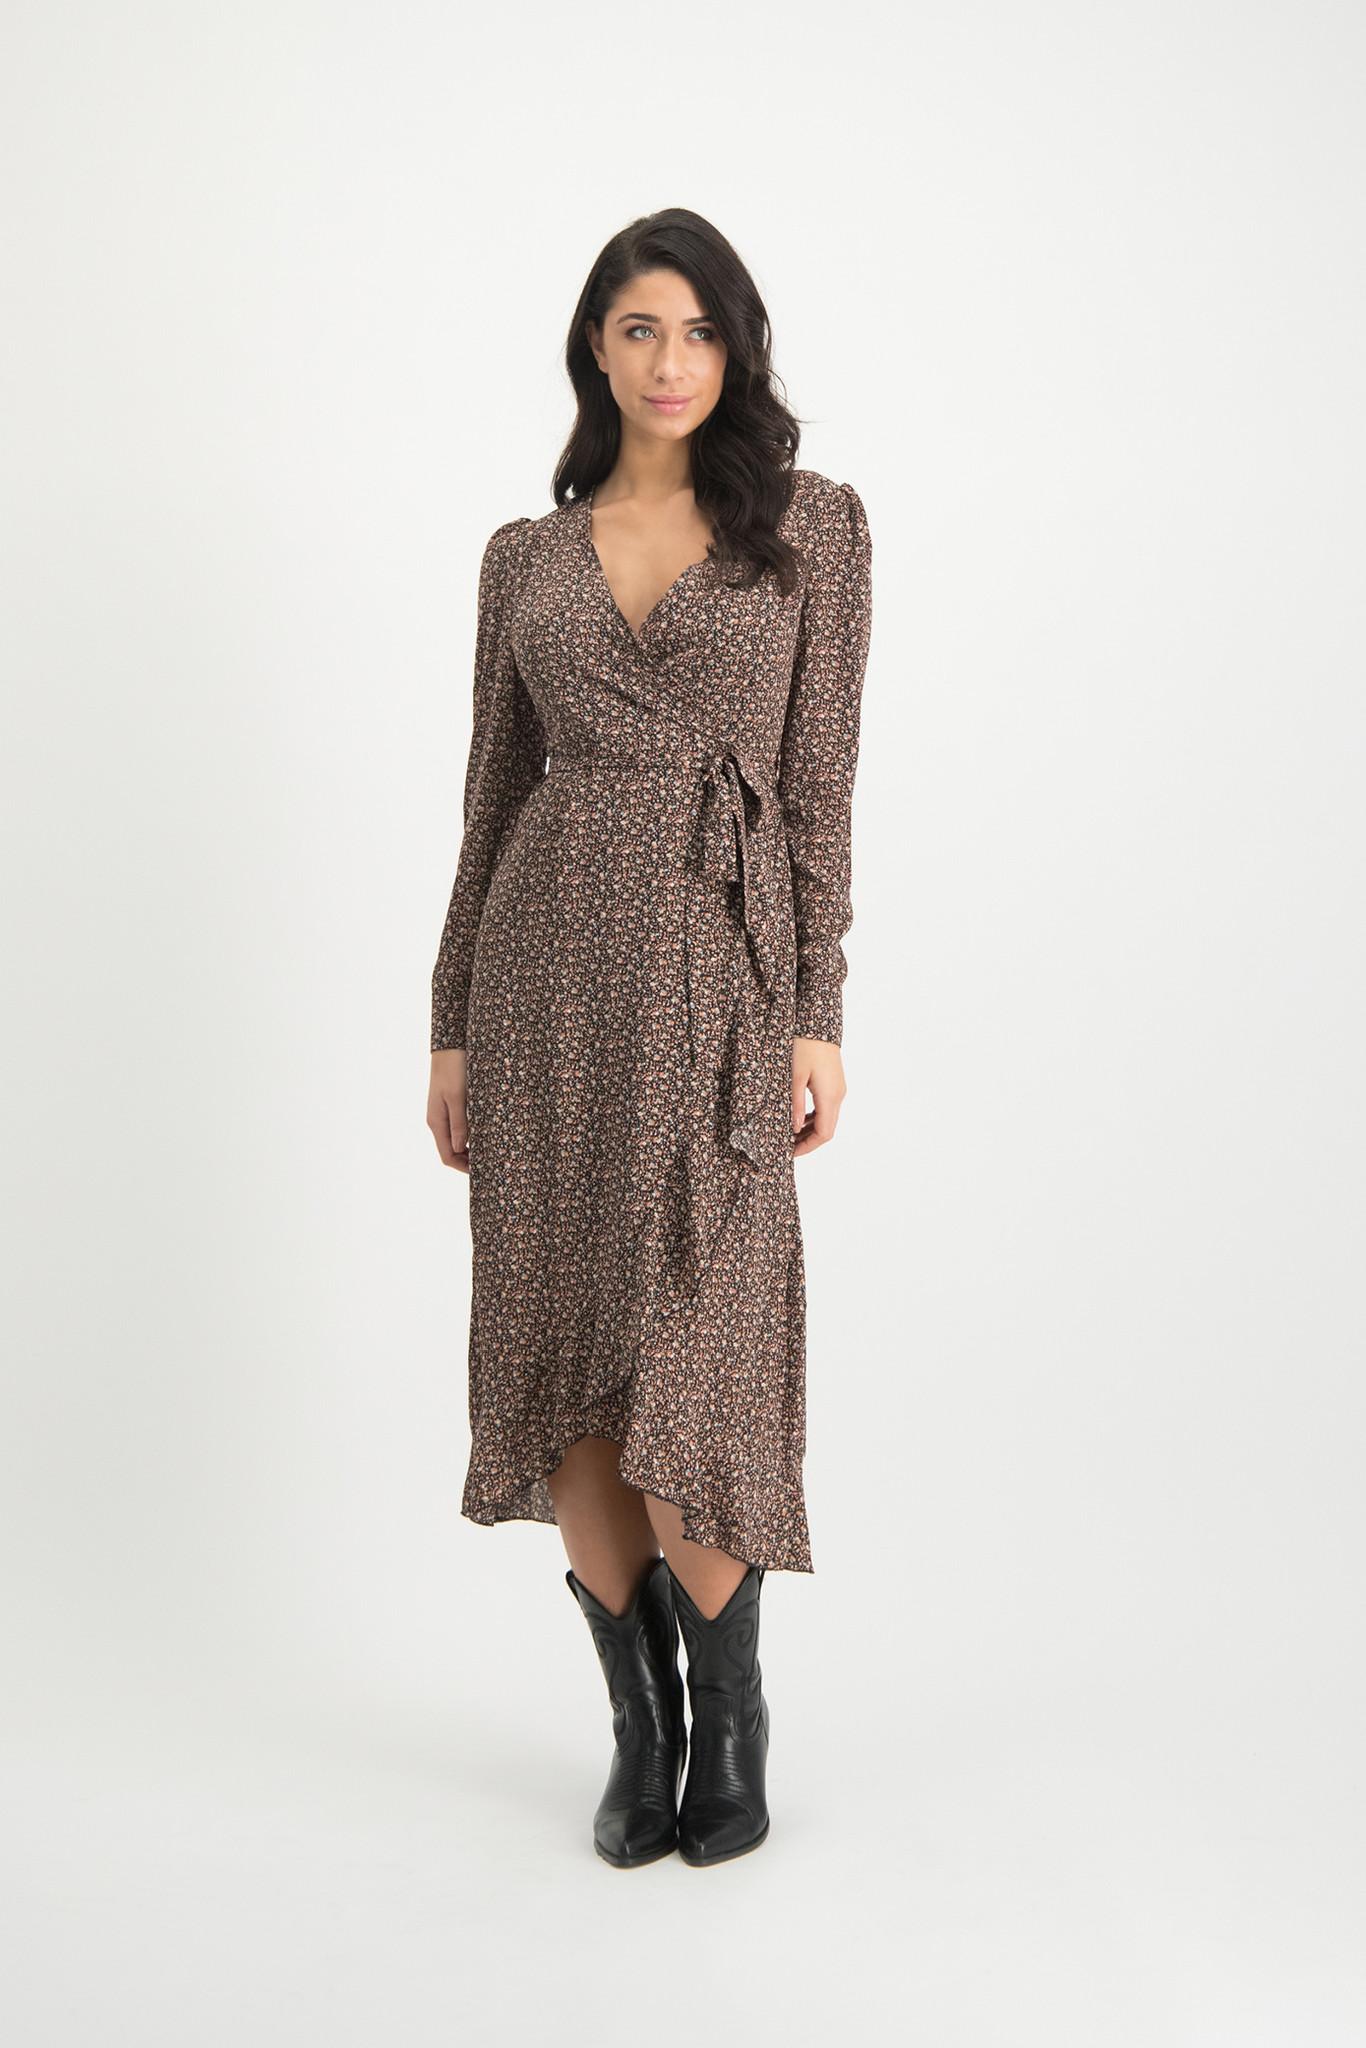 Bloemenprint Maxi Dress Irma